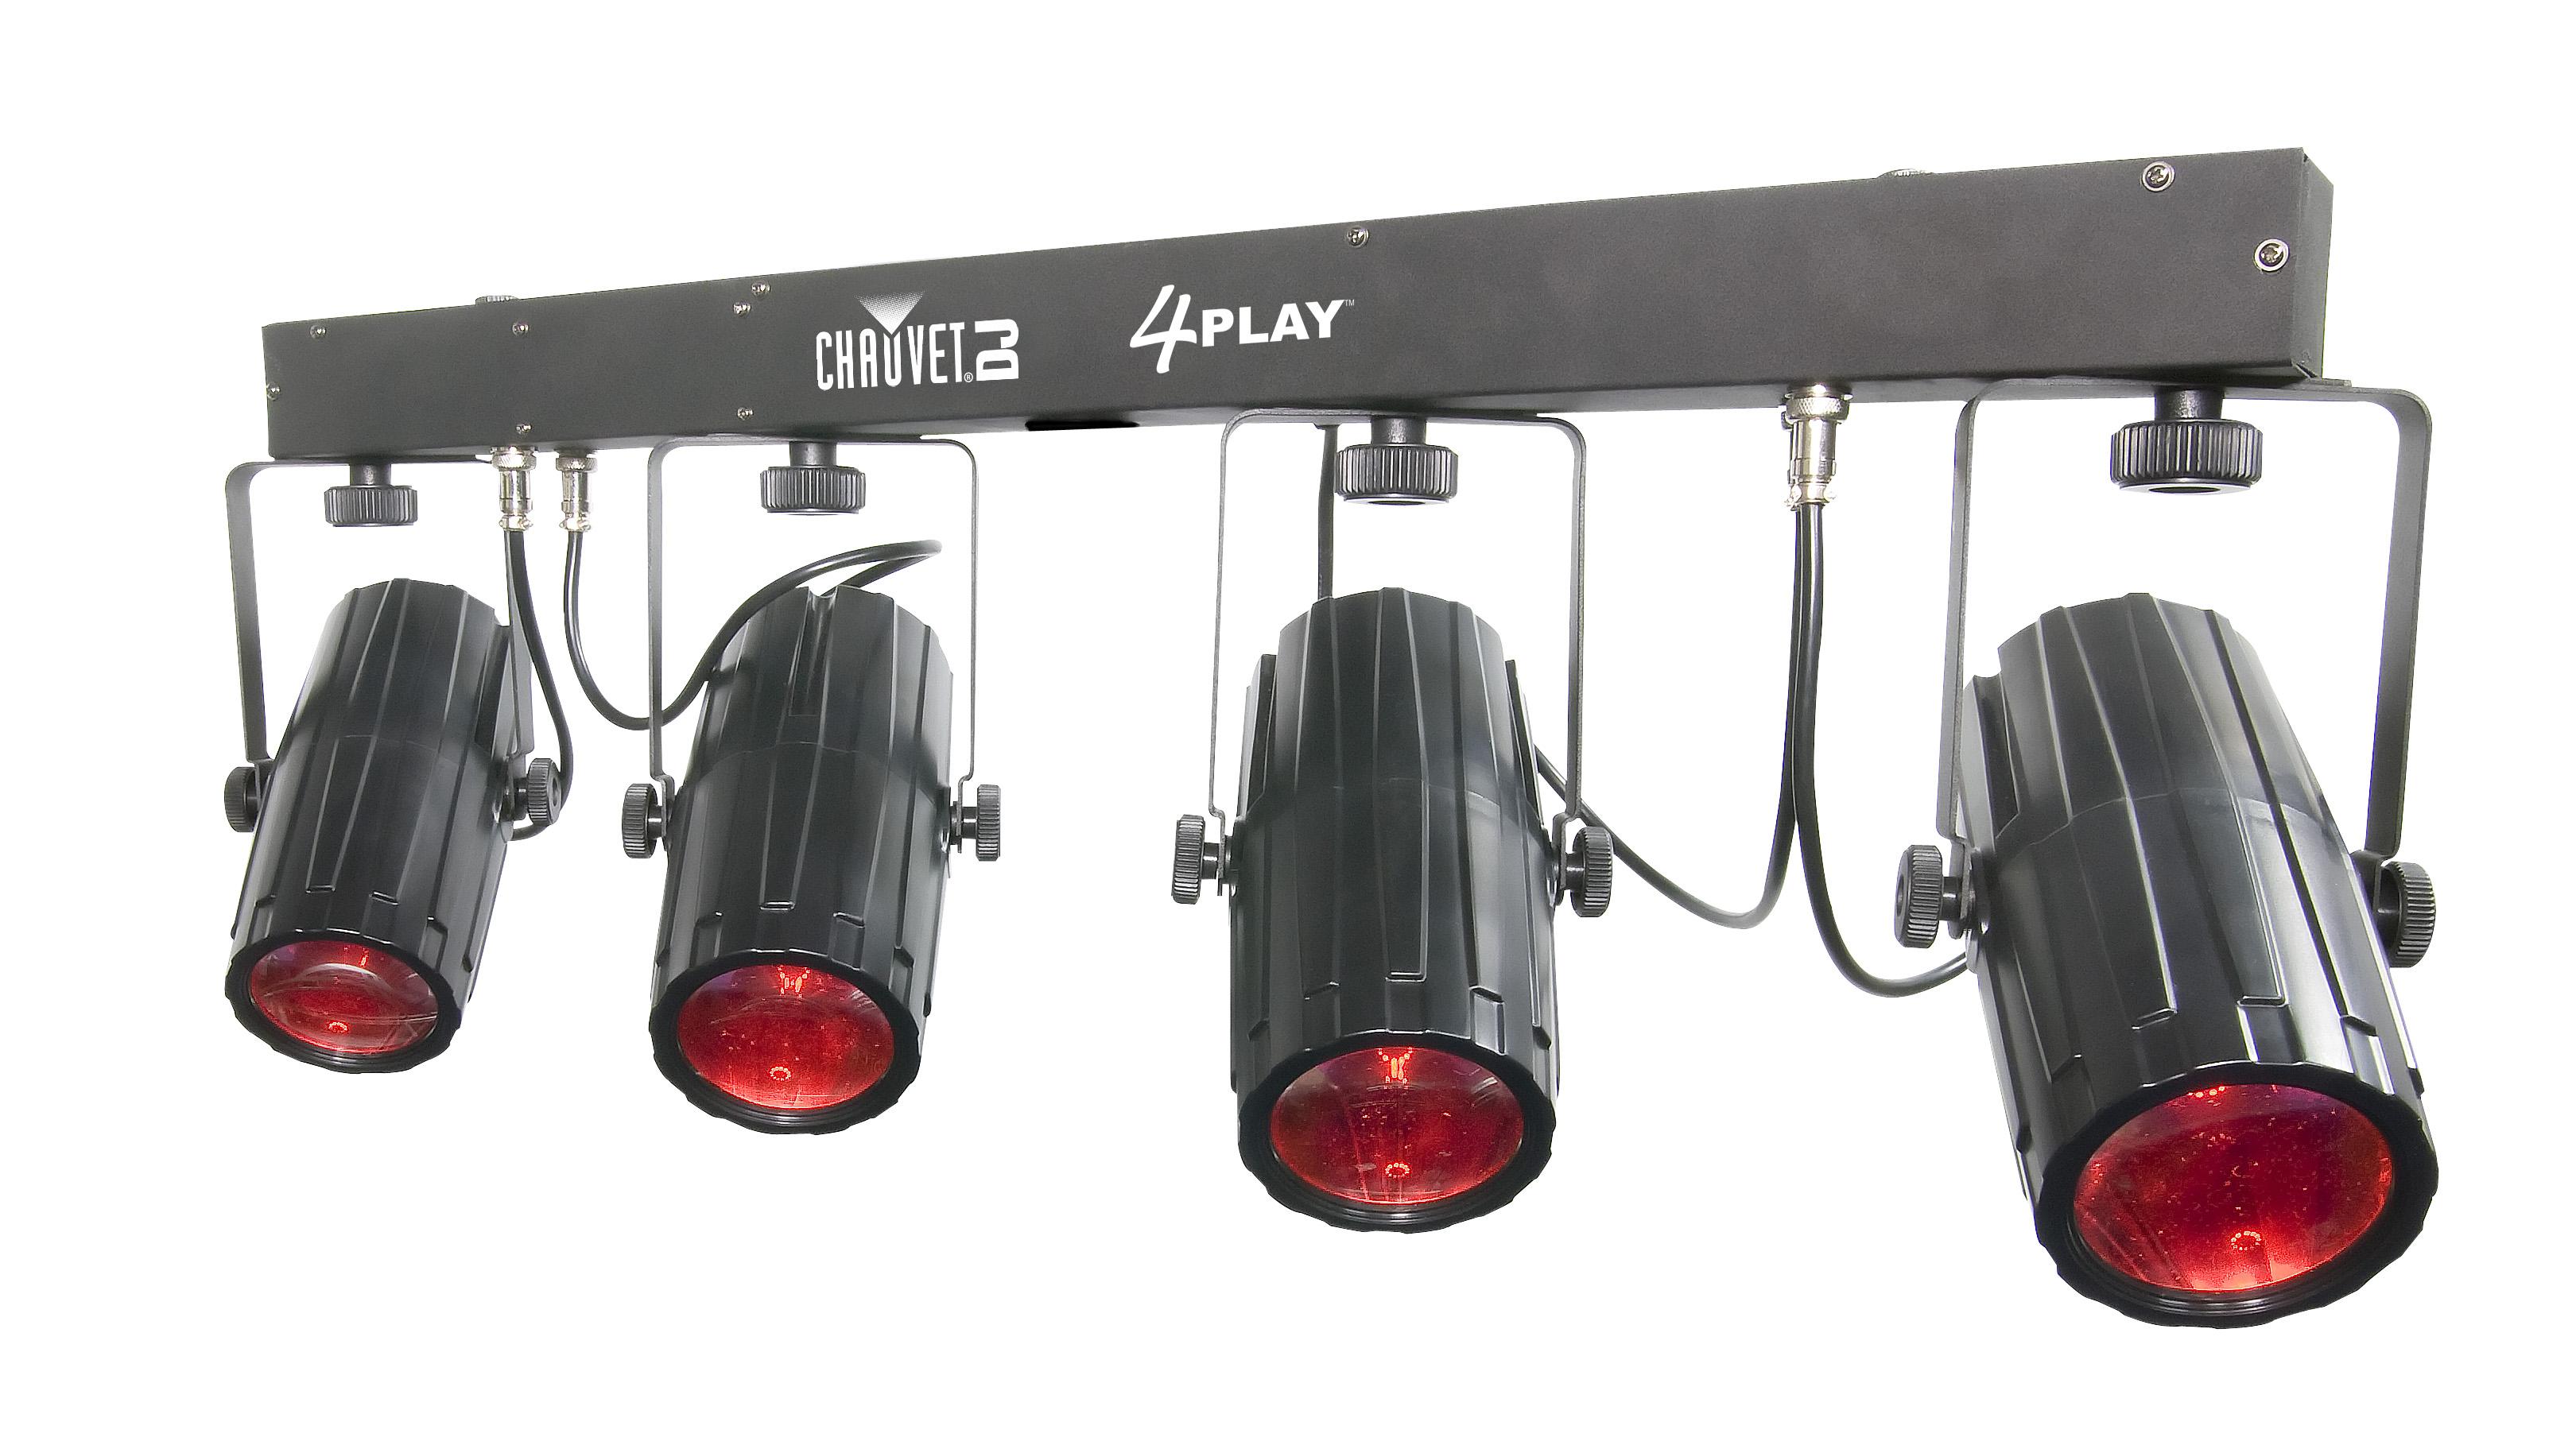 MULTIRAIO LED G4 PLAY - CHAUVET